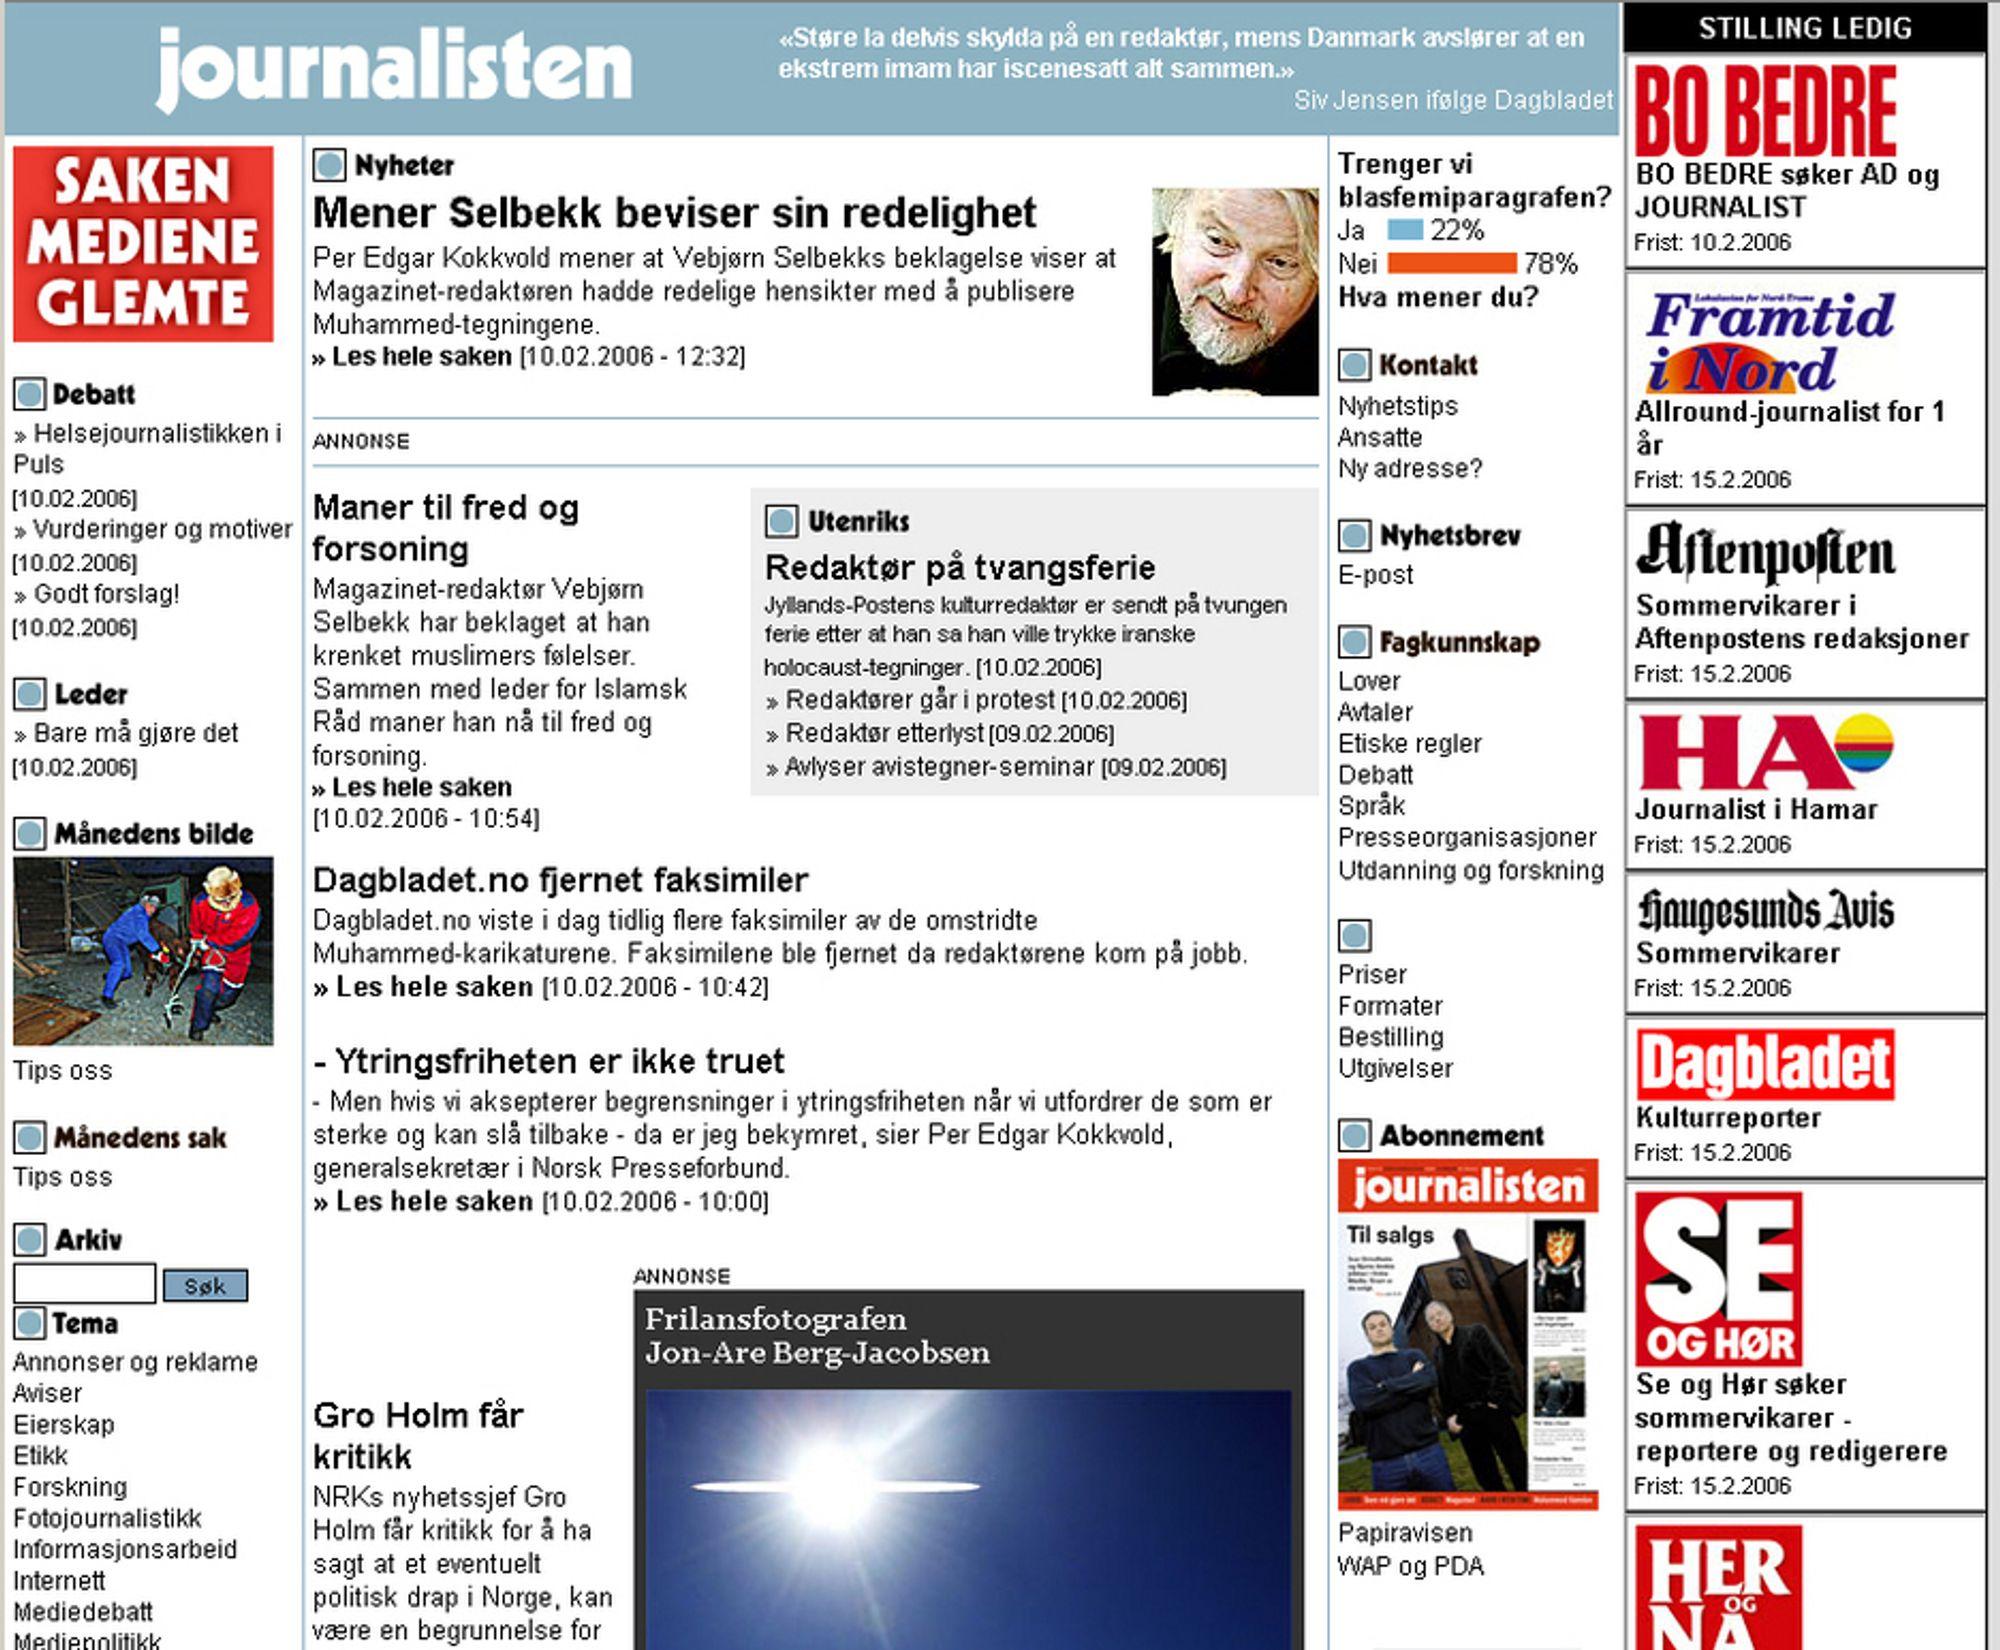 ANGREPET: Journalisten.no har blitt angrepet av hackere som har sendt datavirus og endret utseendet på en underside.